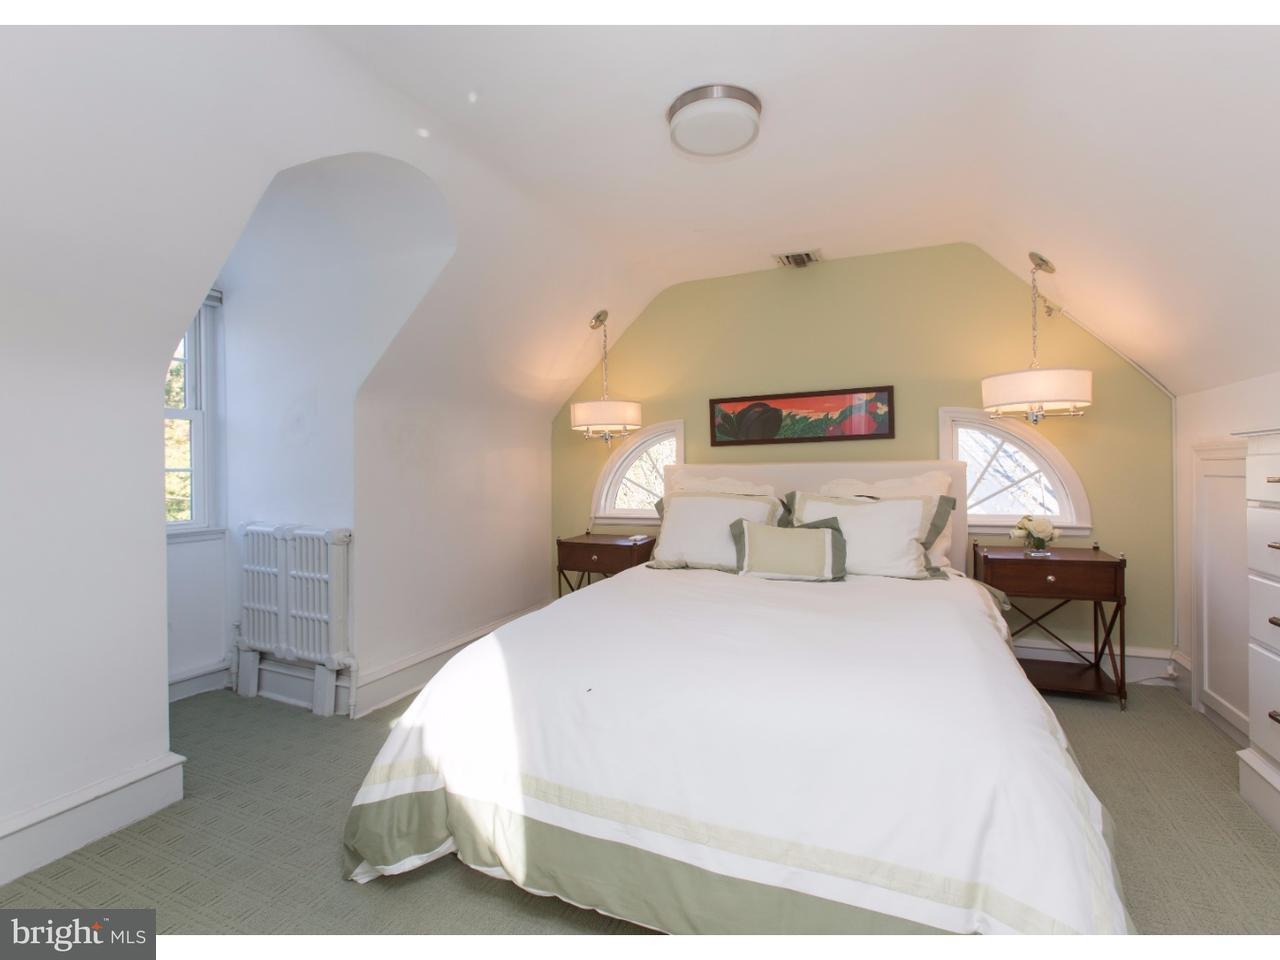 68 W Lodges Bala Cynwyd , PA 19004